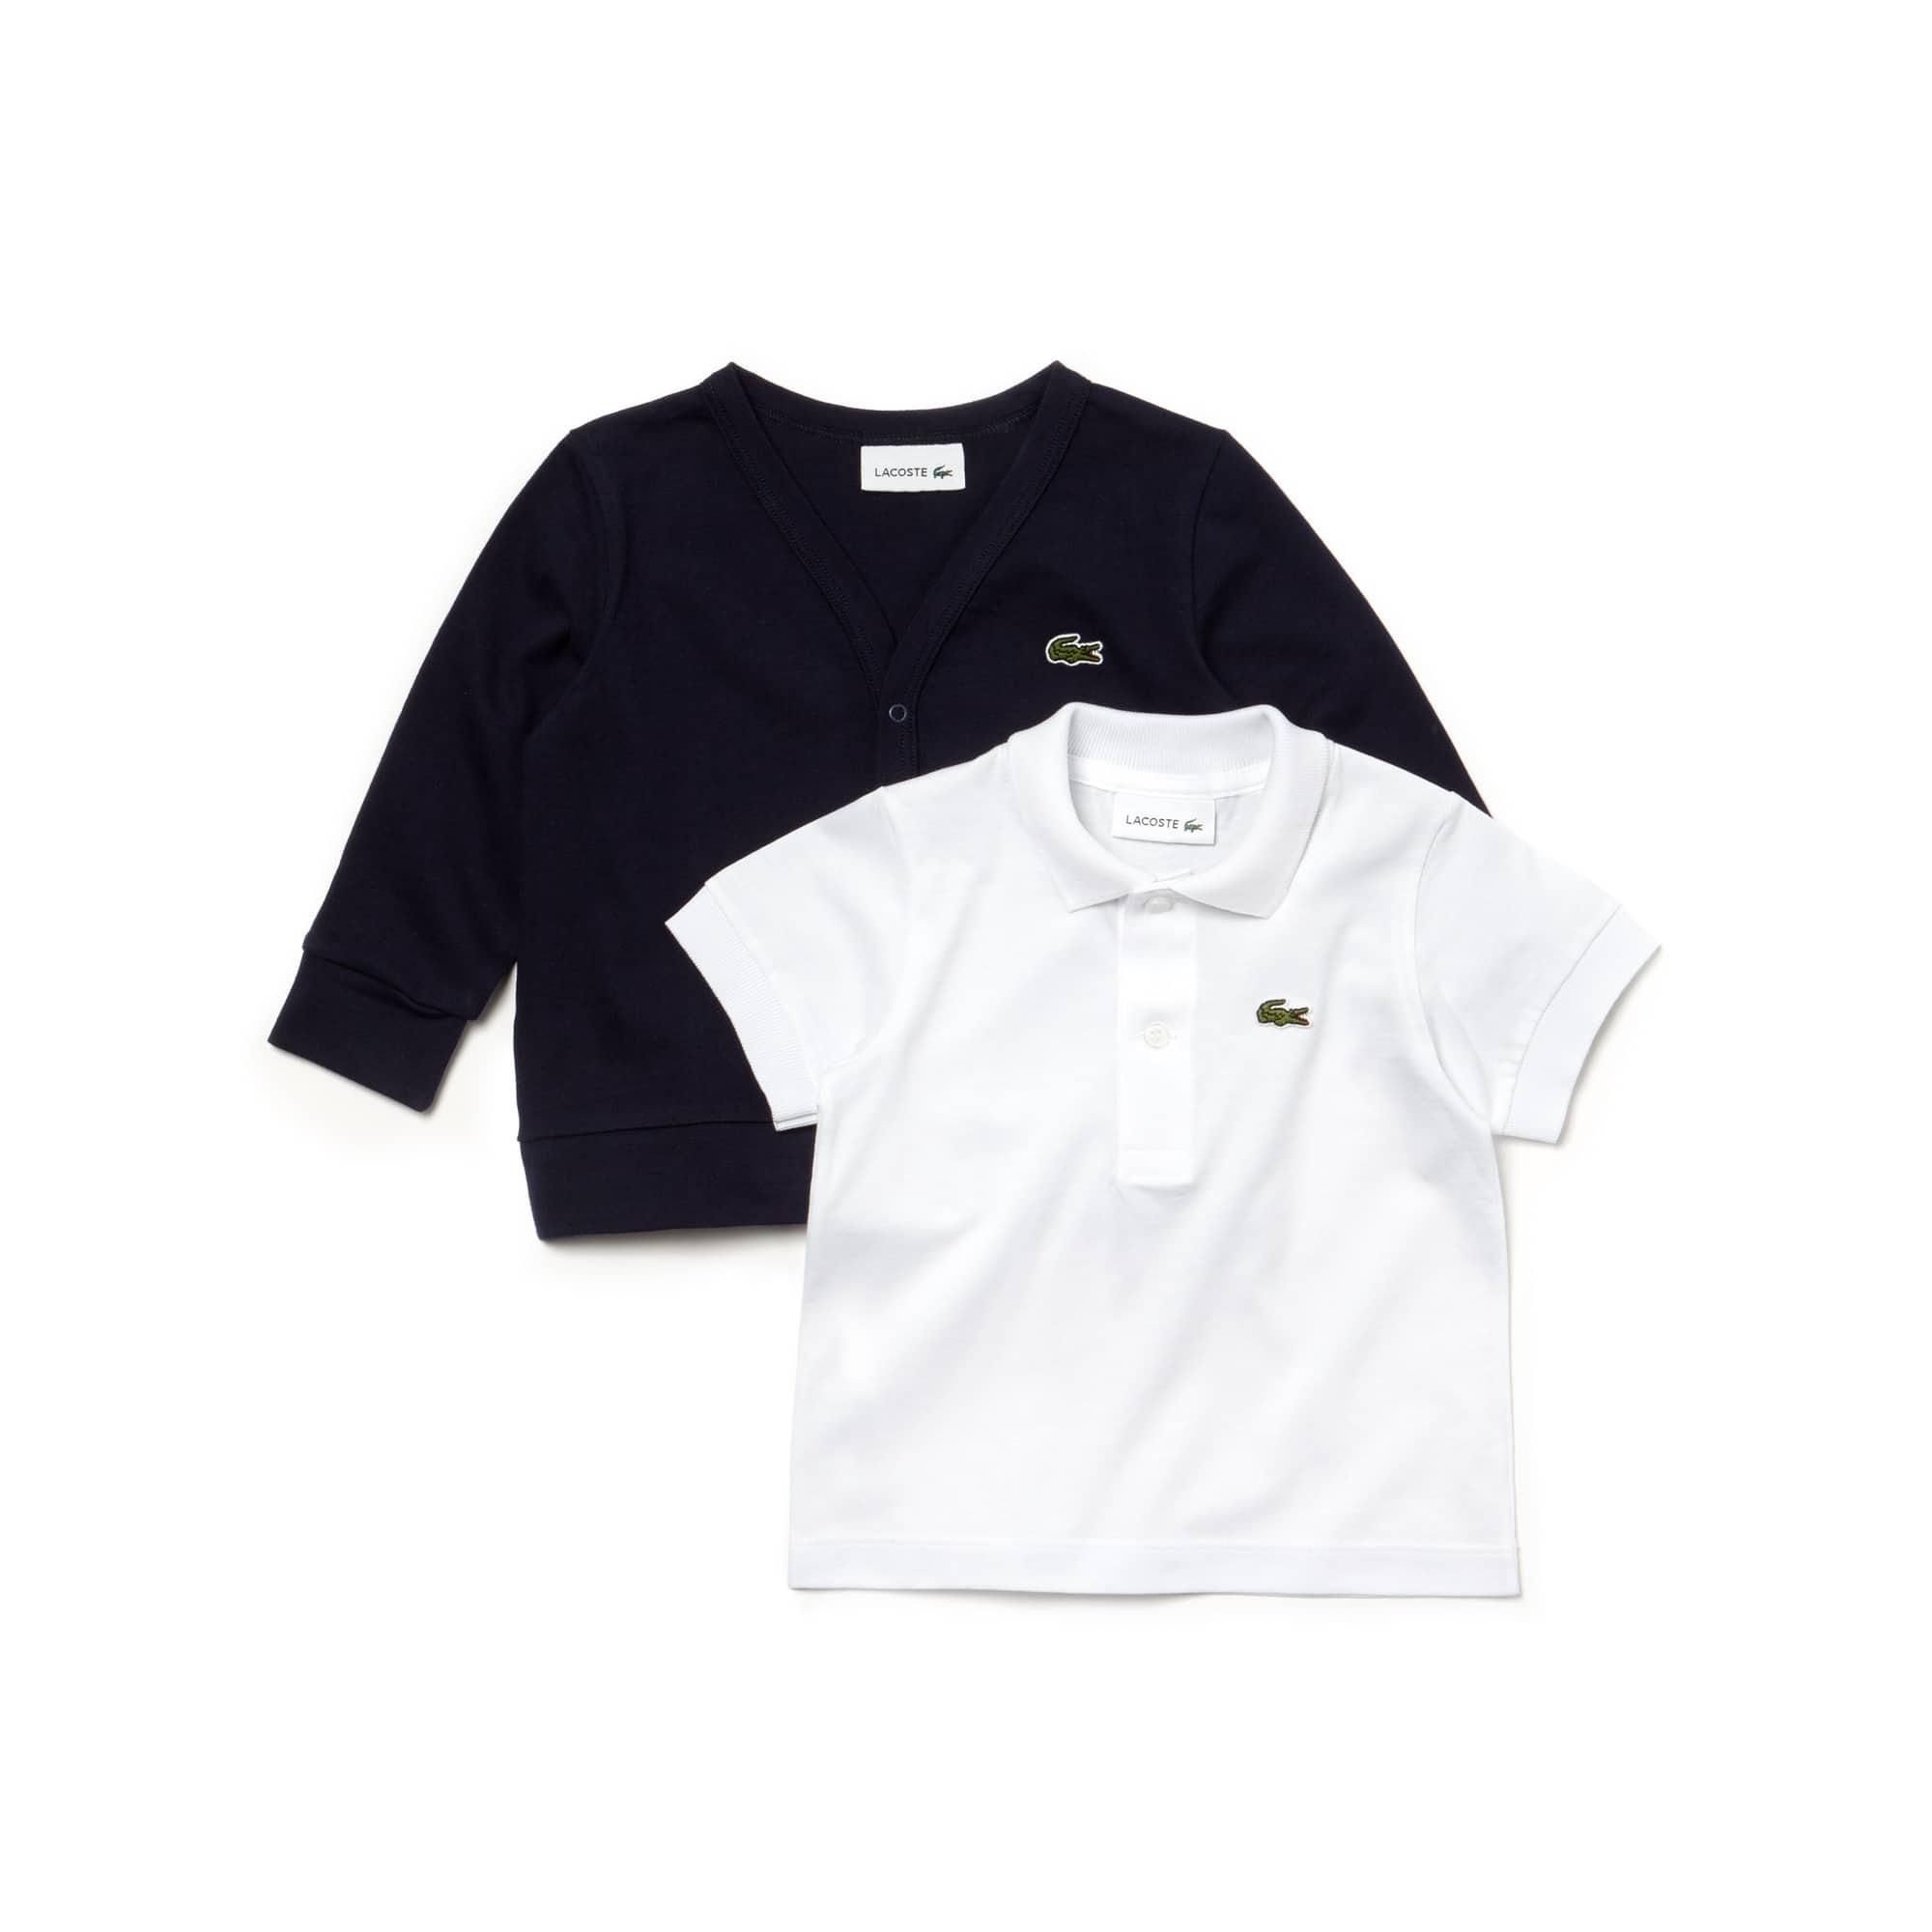 Jungen-Geschenkset Poloshirt und Strickjacke aus Baumwolljersey